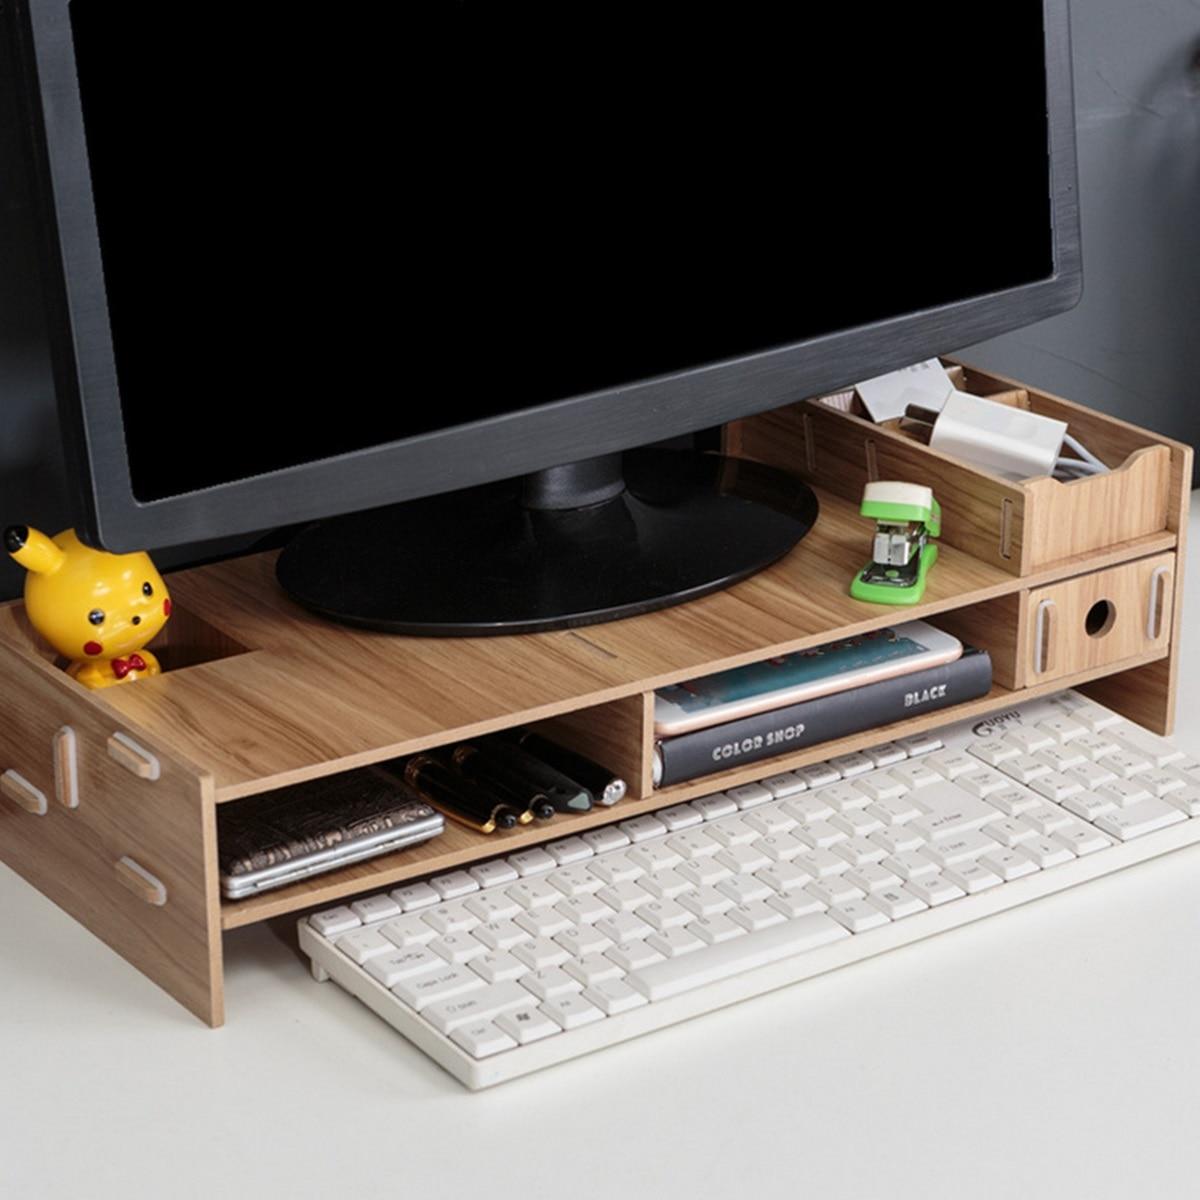 Mesa suporte prateleira portátil suporte de madeira desktop monitor suporte de computador tela riser prateleira plinth forte portátil suporte de mesa|Suporte p/ tablet|   - AliExpress